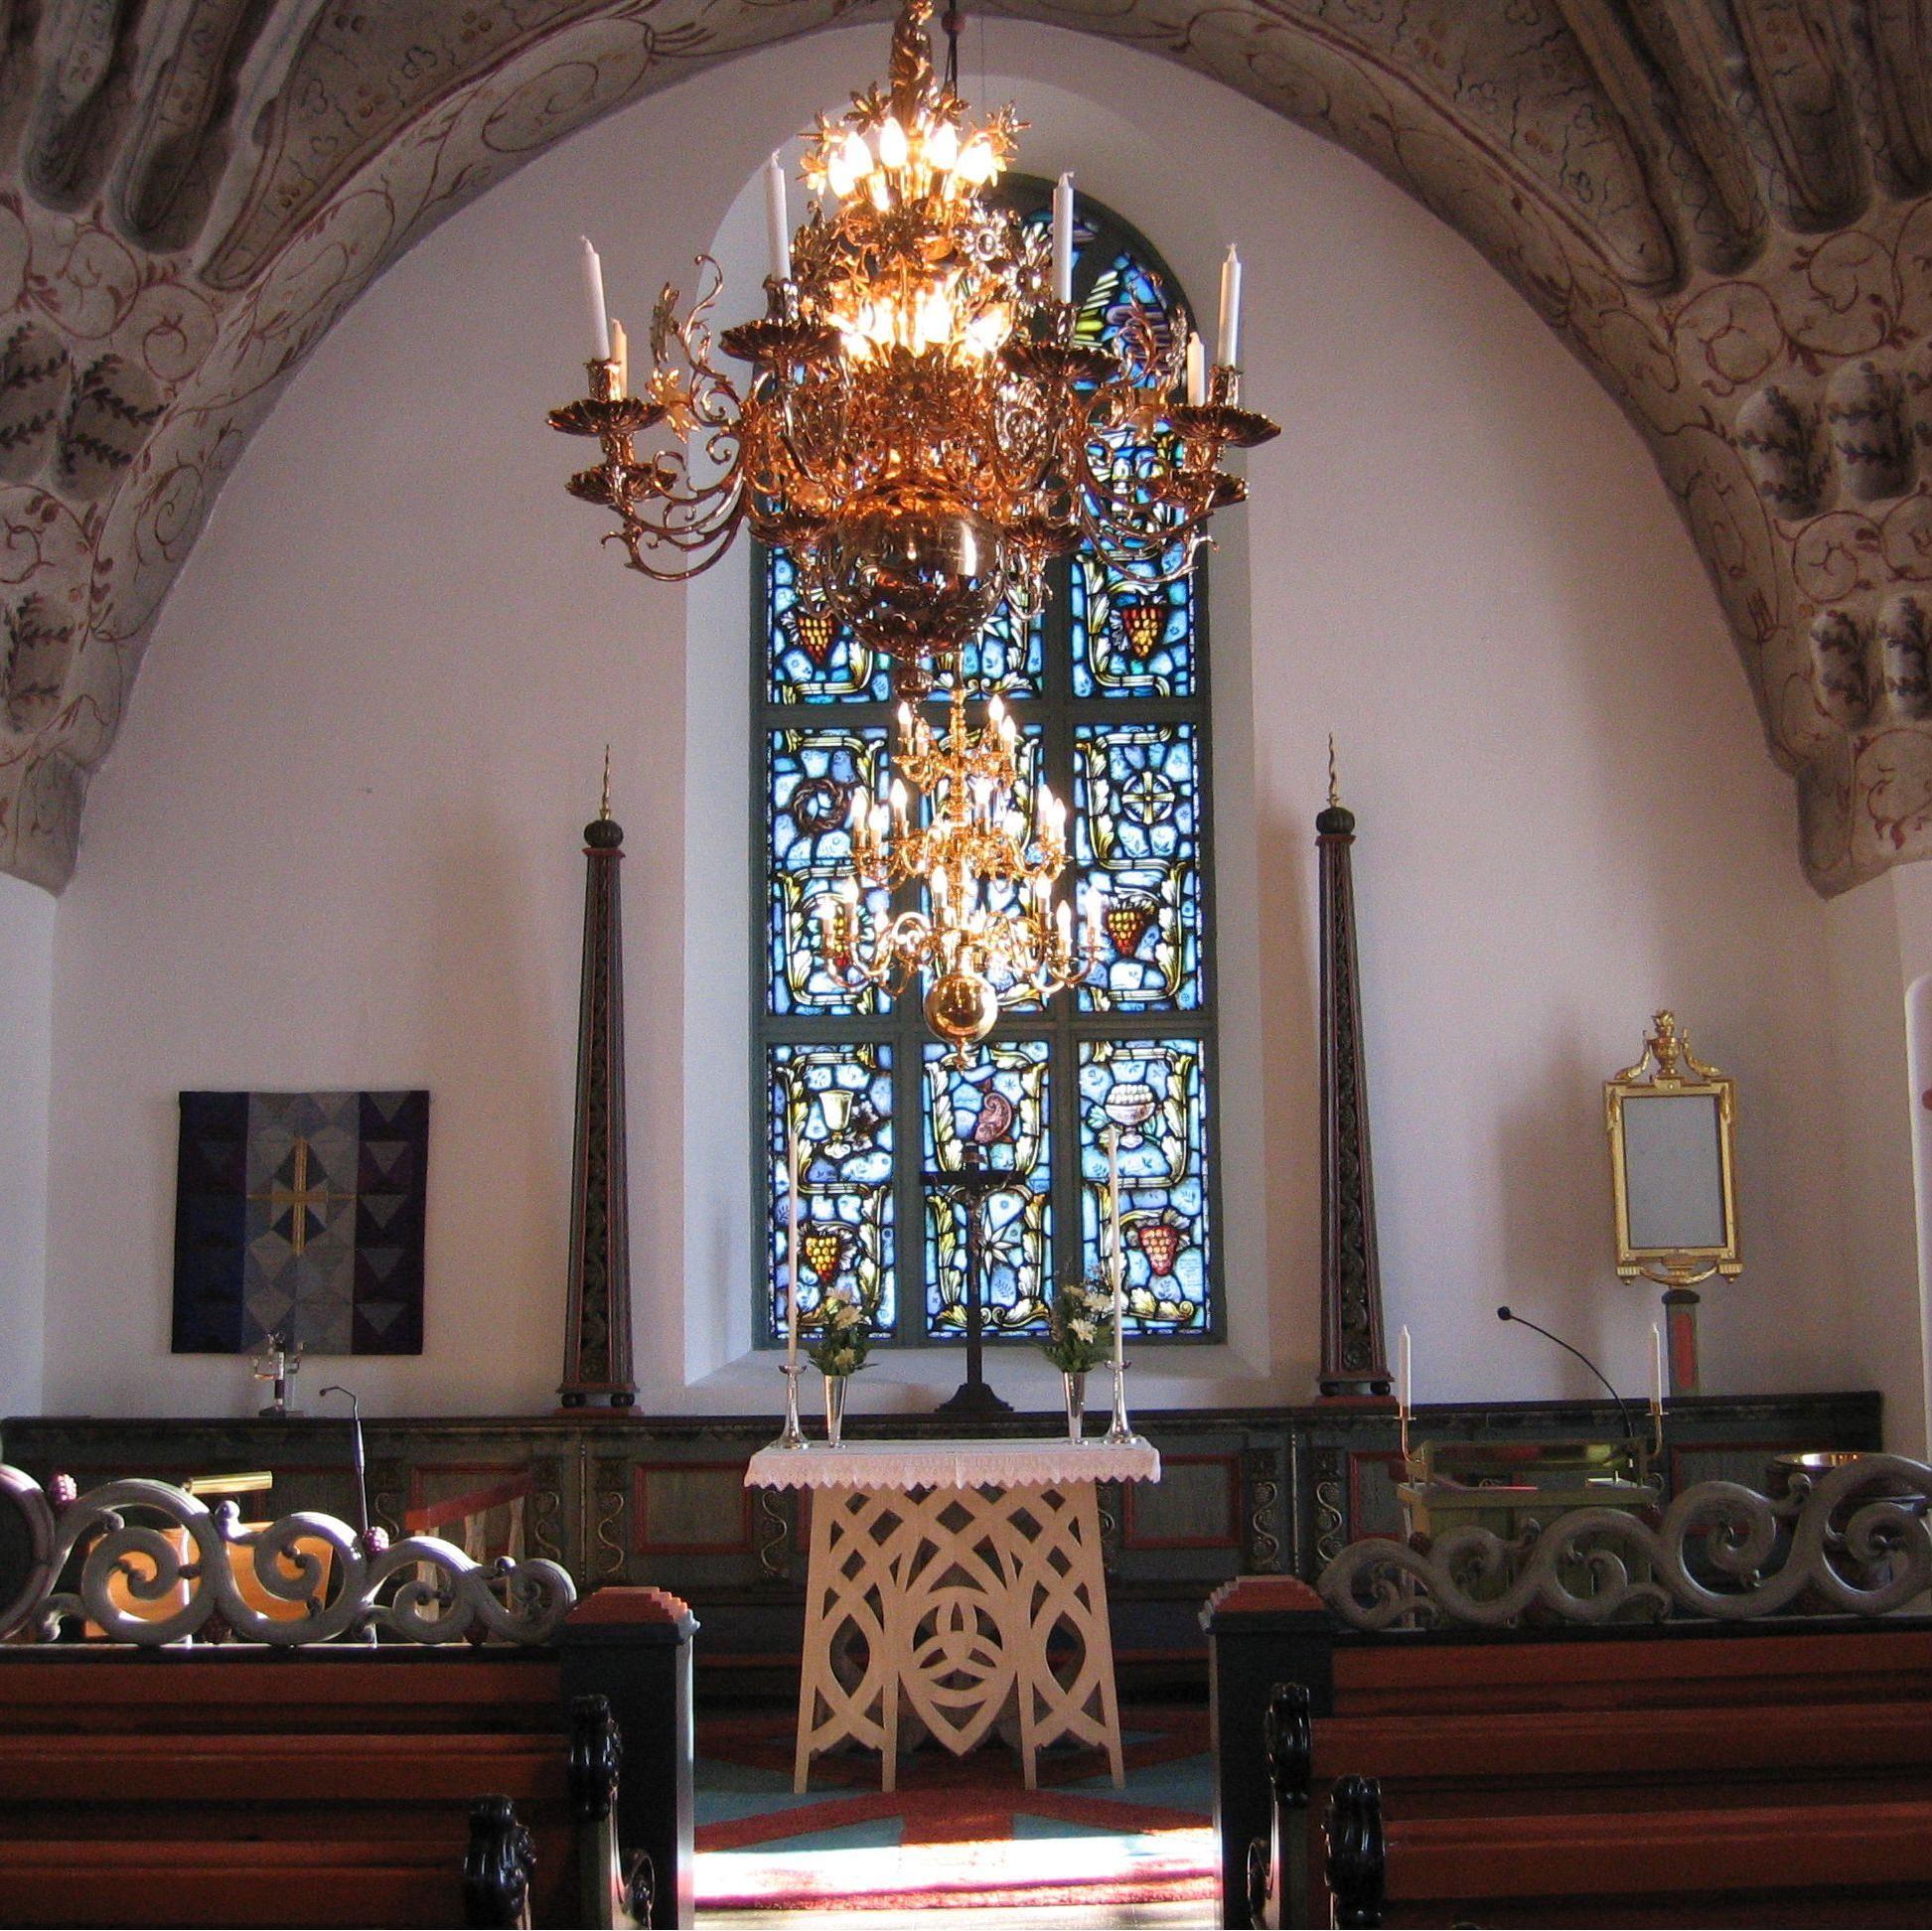 Foto: Grundsunda församling, Interiör av Grundsunda kyrka.